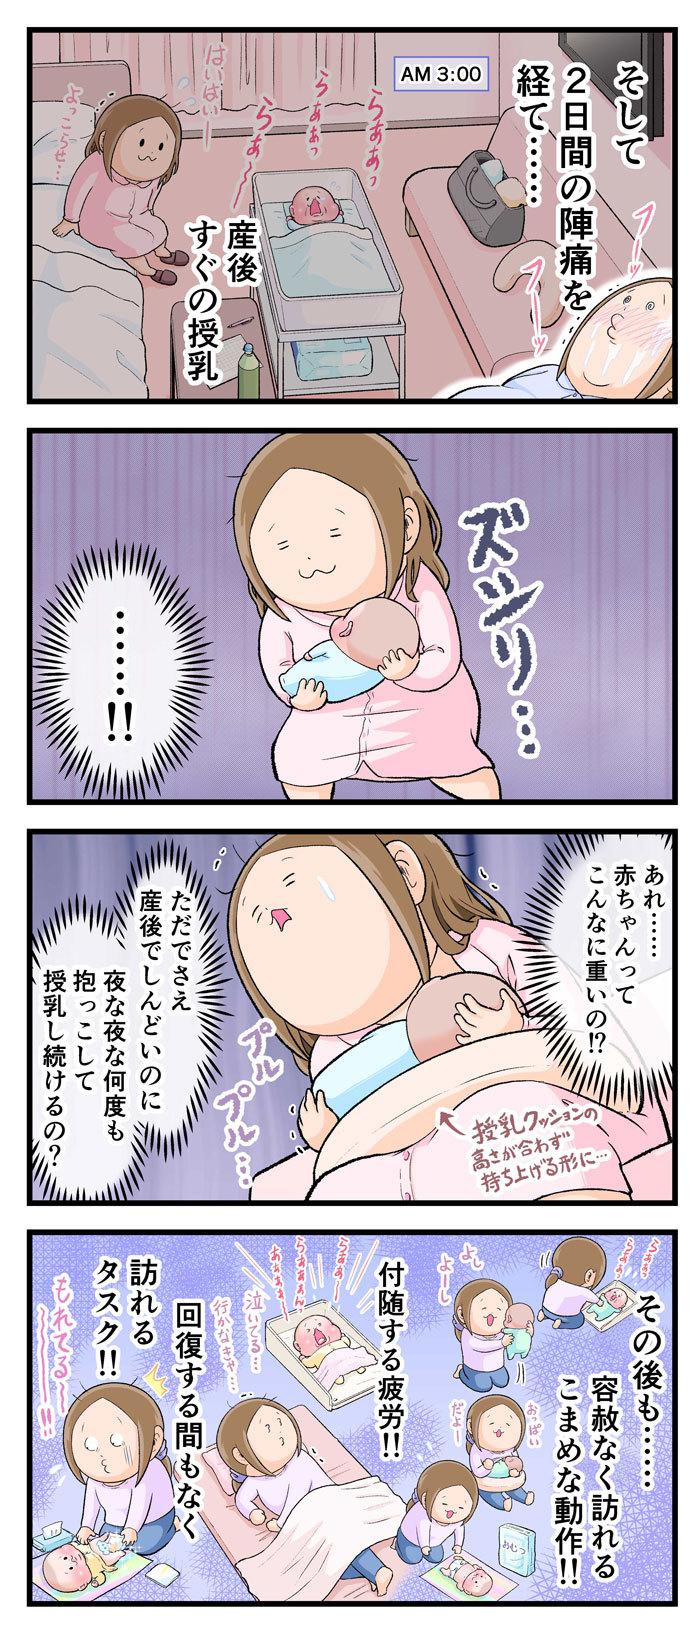 サーセン!育児舐めてやした…!体力自慢だった私が誤算していたことの画像2